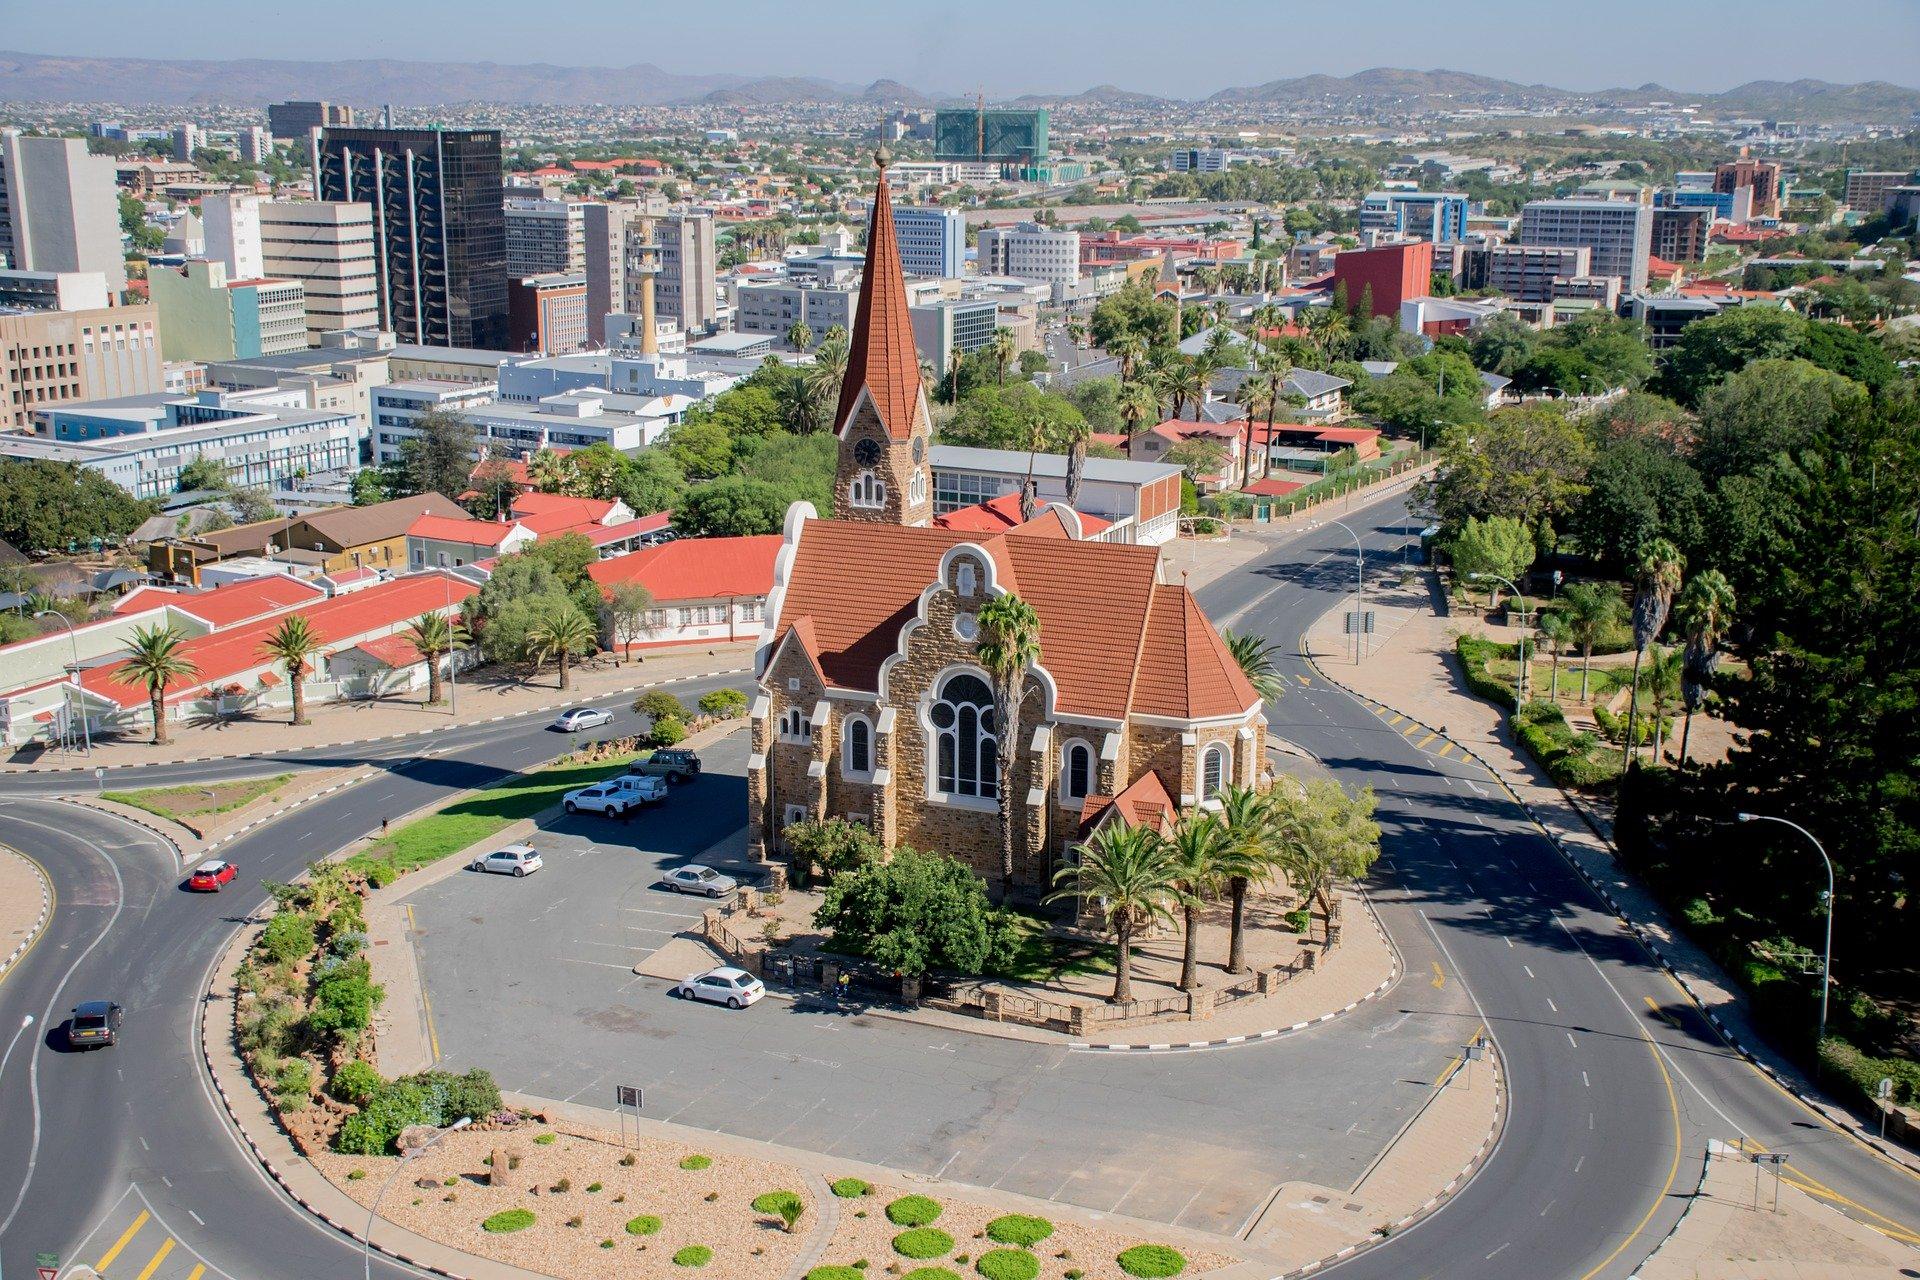 Namibia Sehenswürdigkeiten - Gebäude